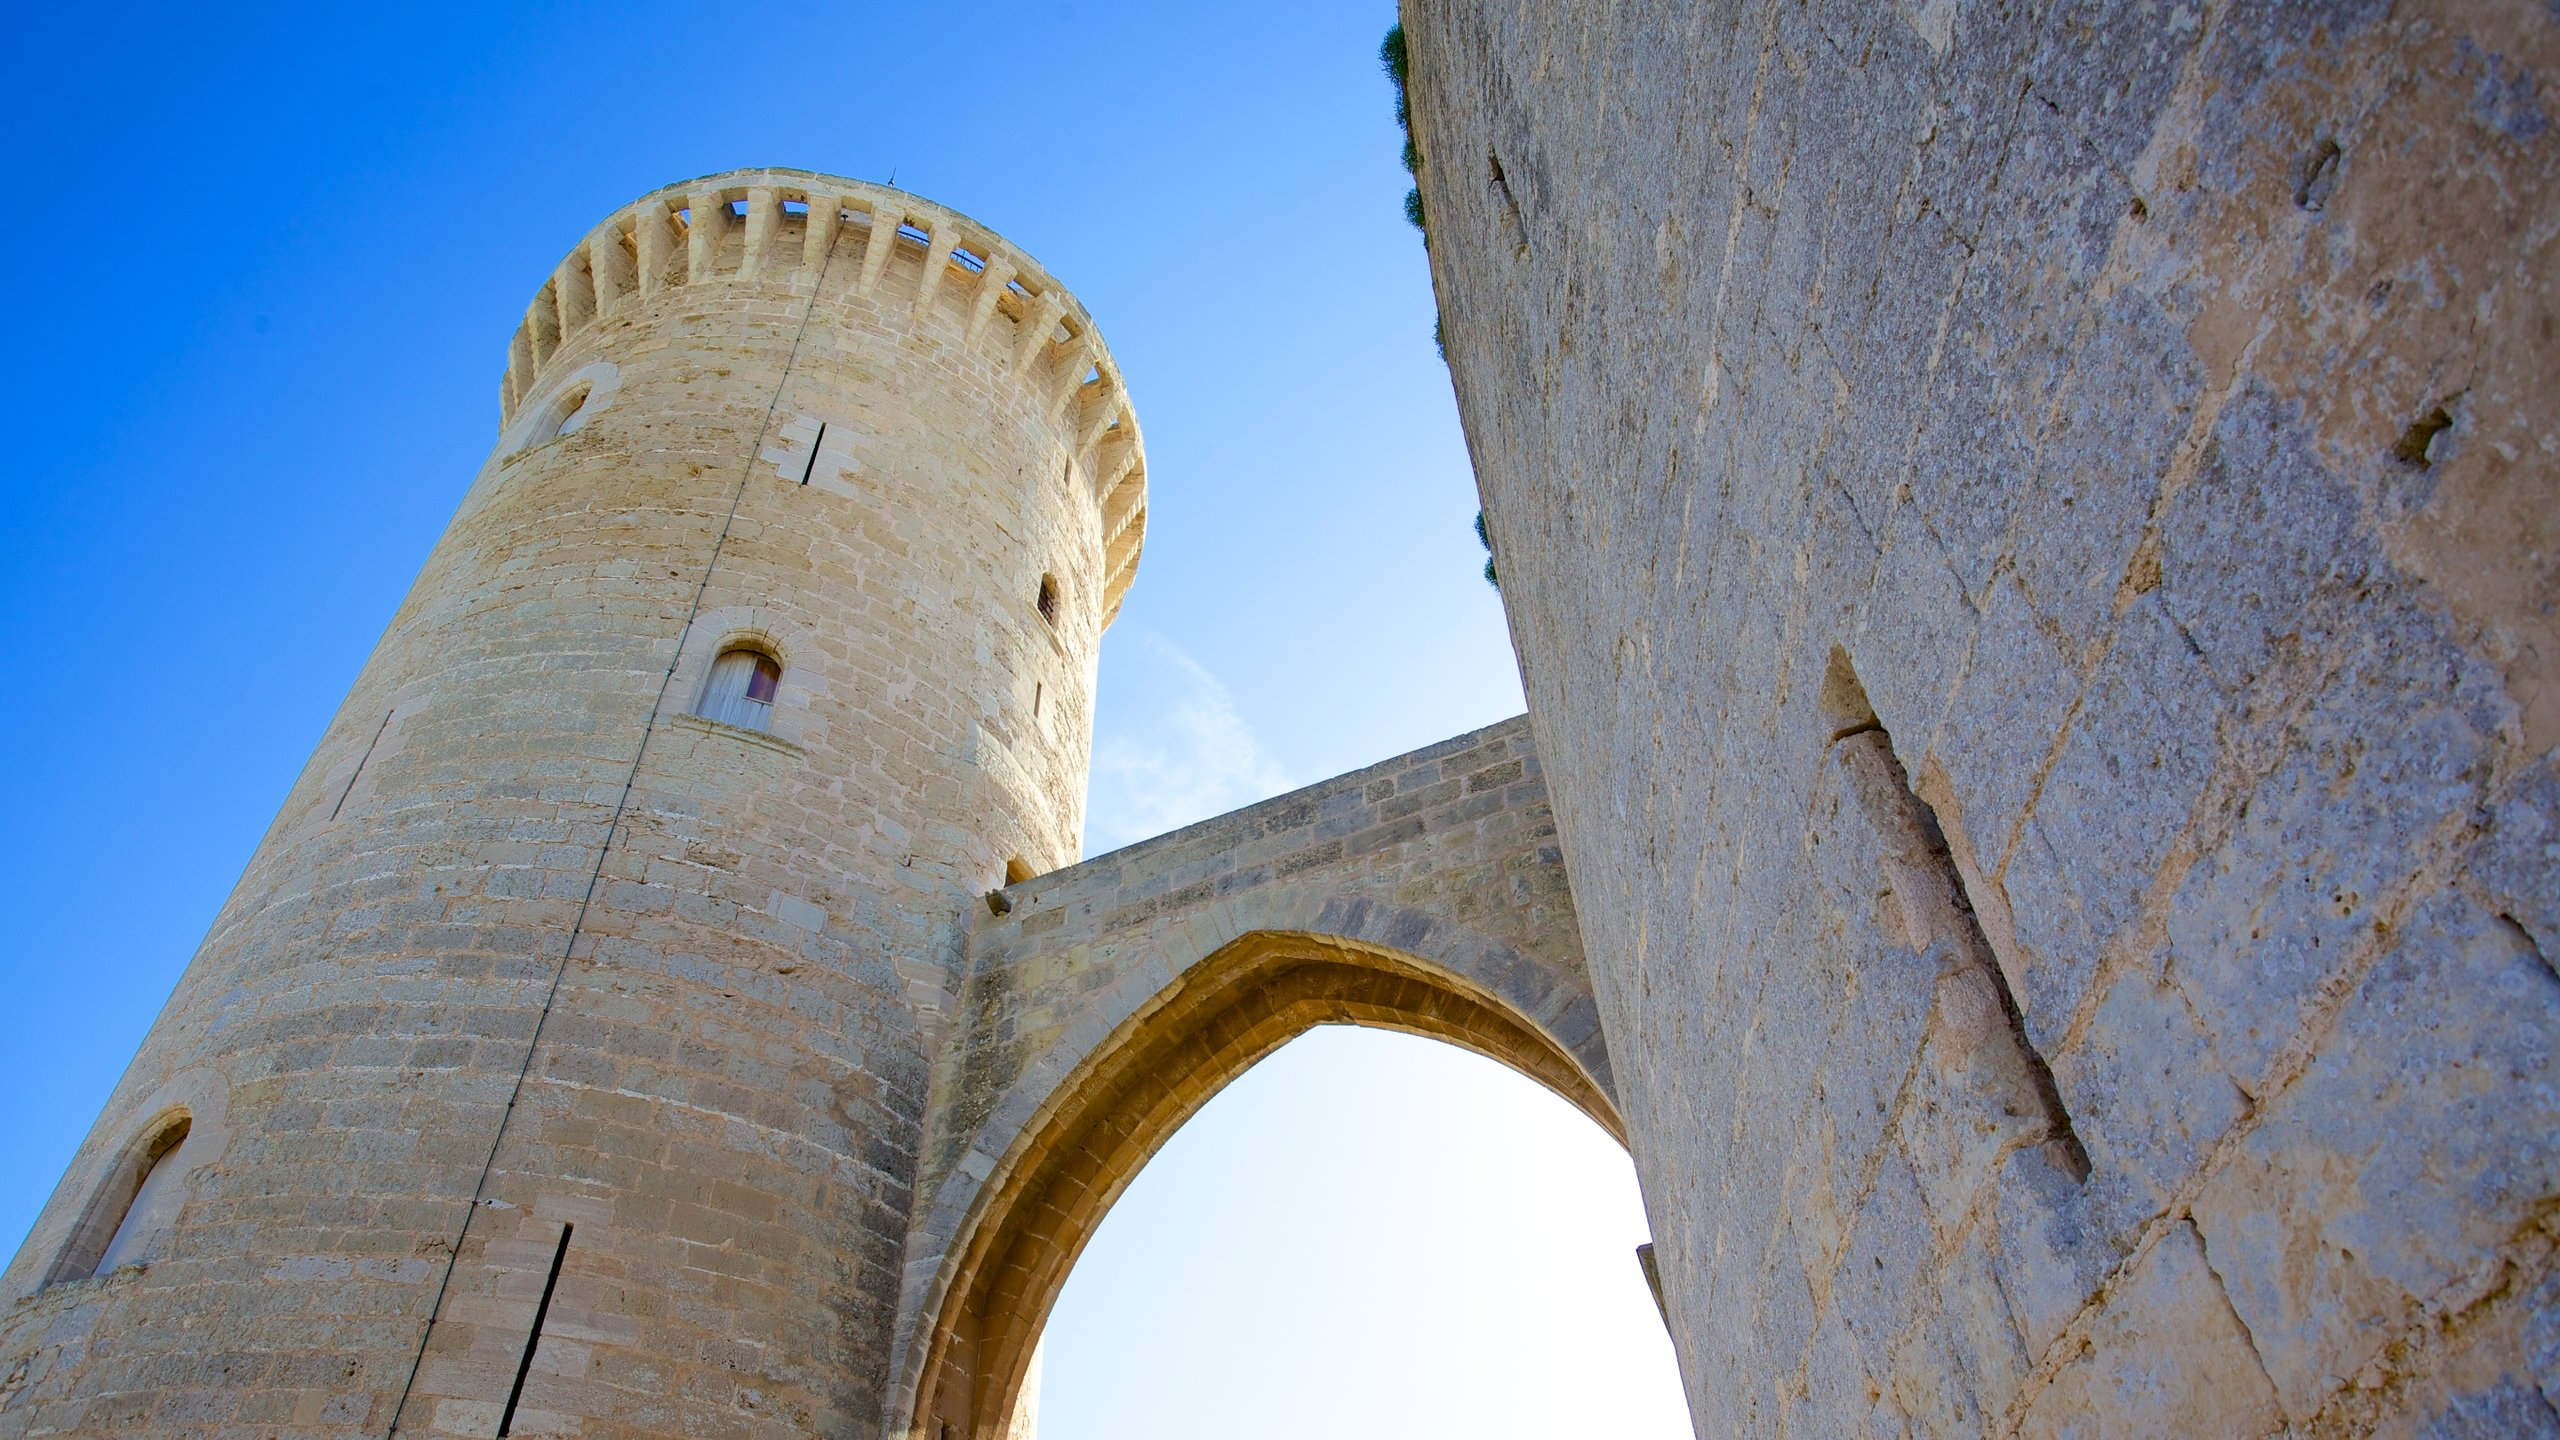 Este castelo do século XIV incrivelmente preservado tem vistas estonteantes da cidade e dá uma ideia da rica história de Maiorca.